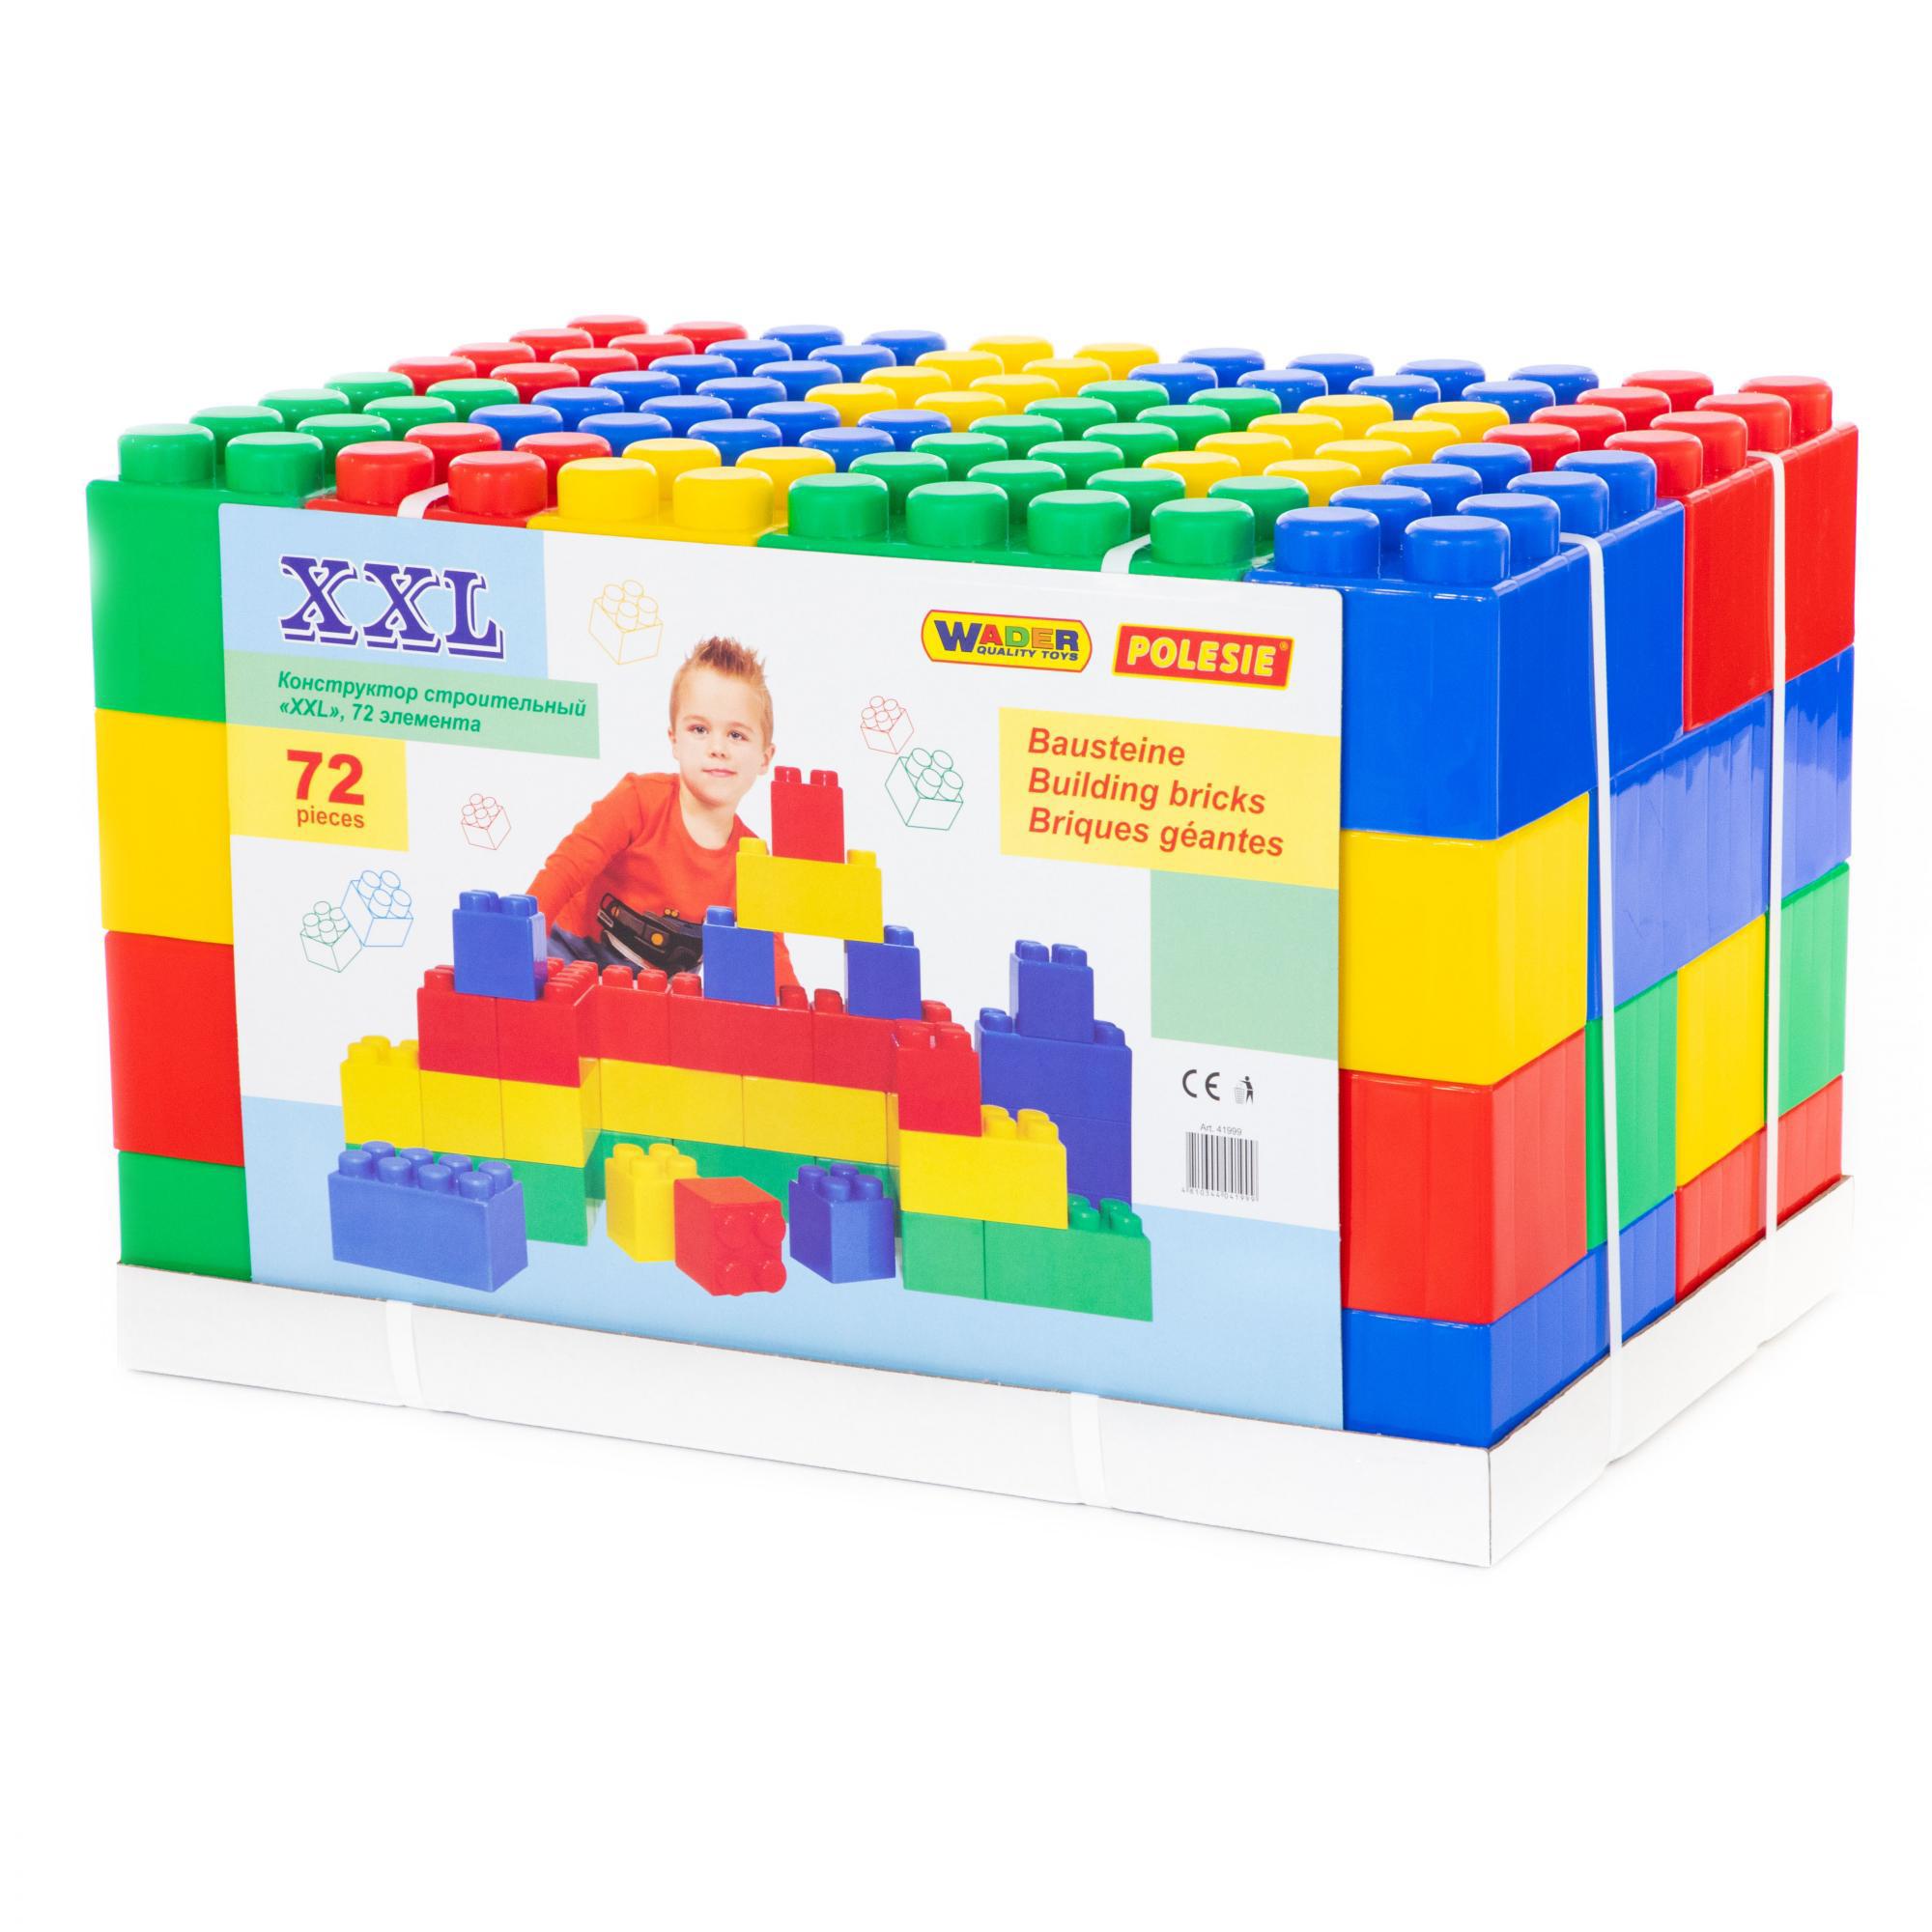 Конструктор Полесье строительный XXL, 72 элемента